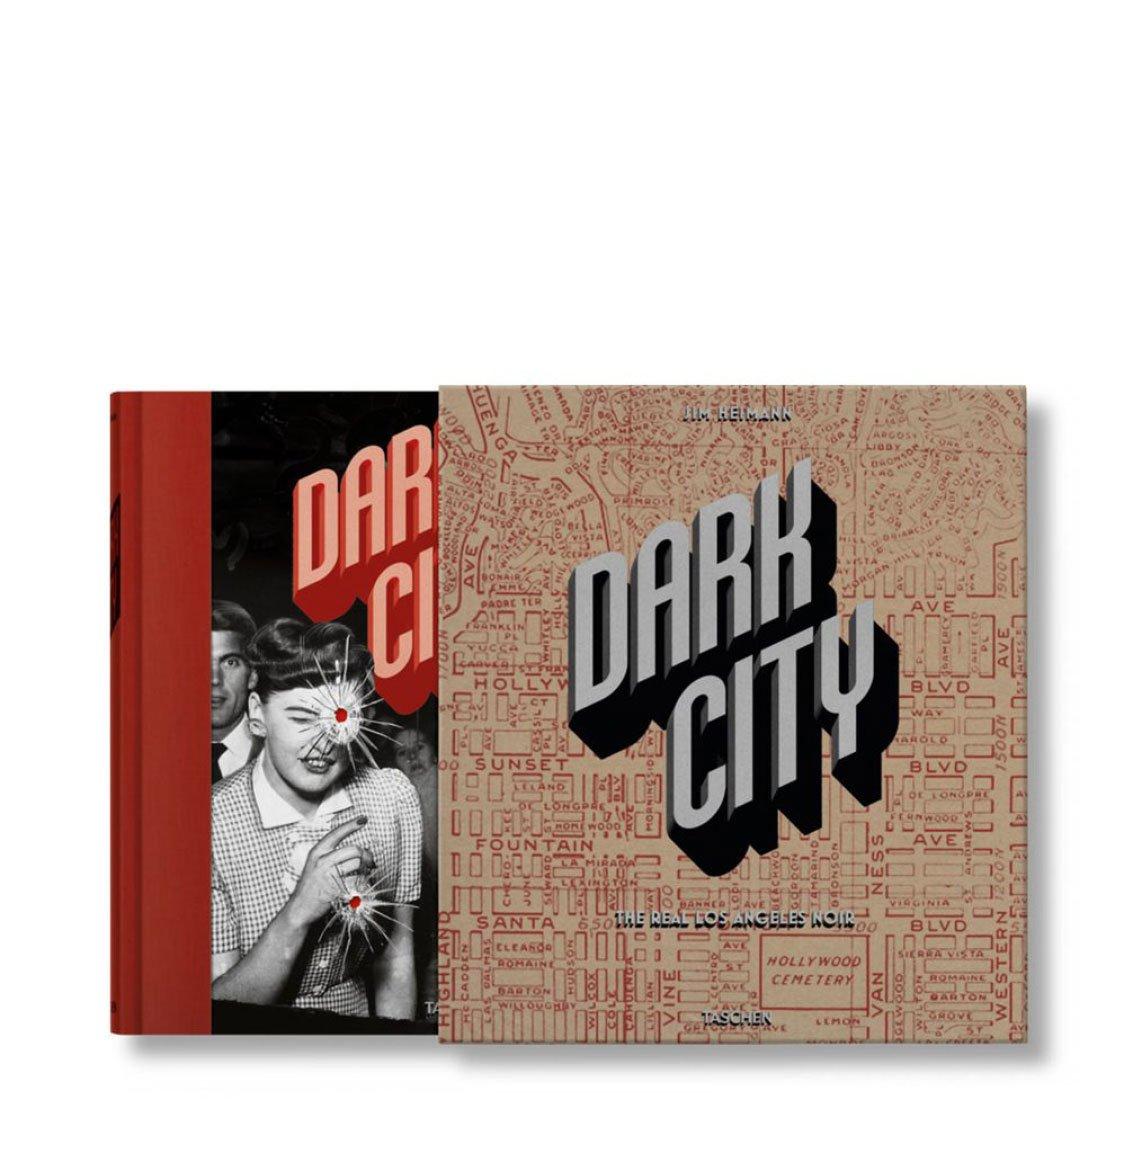 Taschen Dark City: The Real Los Angeles Noir